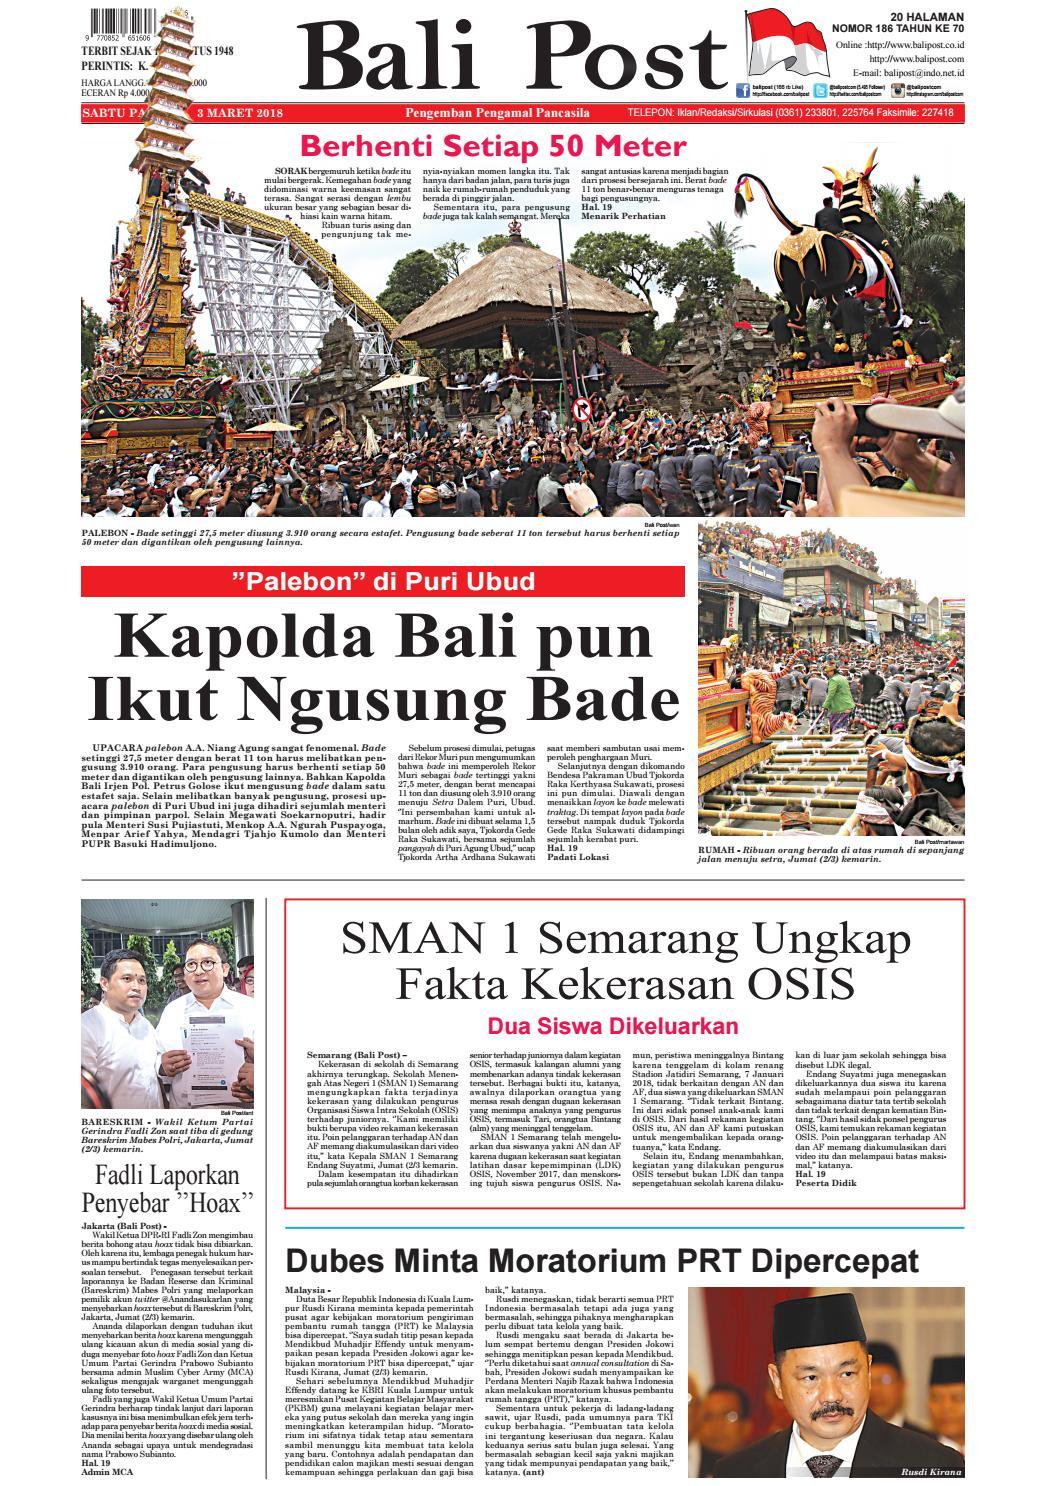 Edisi 03 Maret 2018 Balipostcom By E Paper Kmb Issuu Produk Ukm Bumn Jamu Instan Abah Aromahtrenggalek